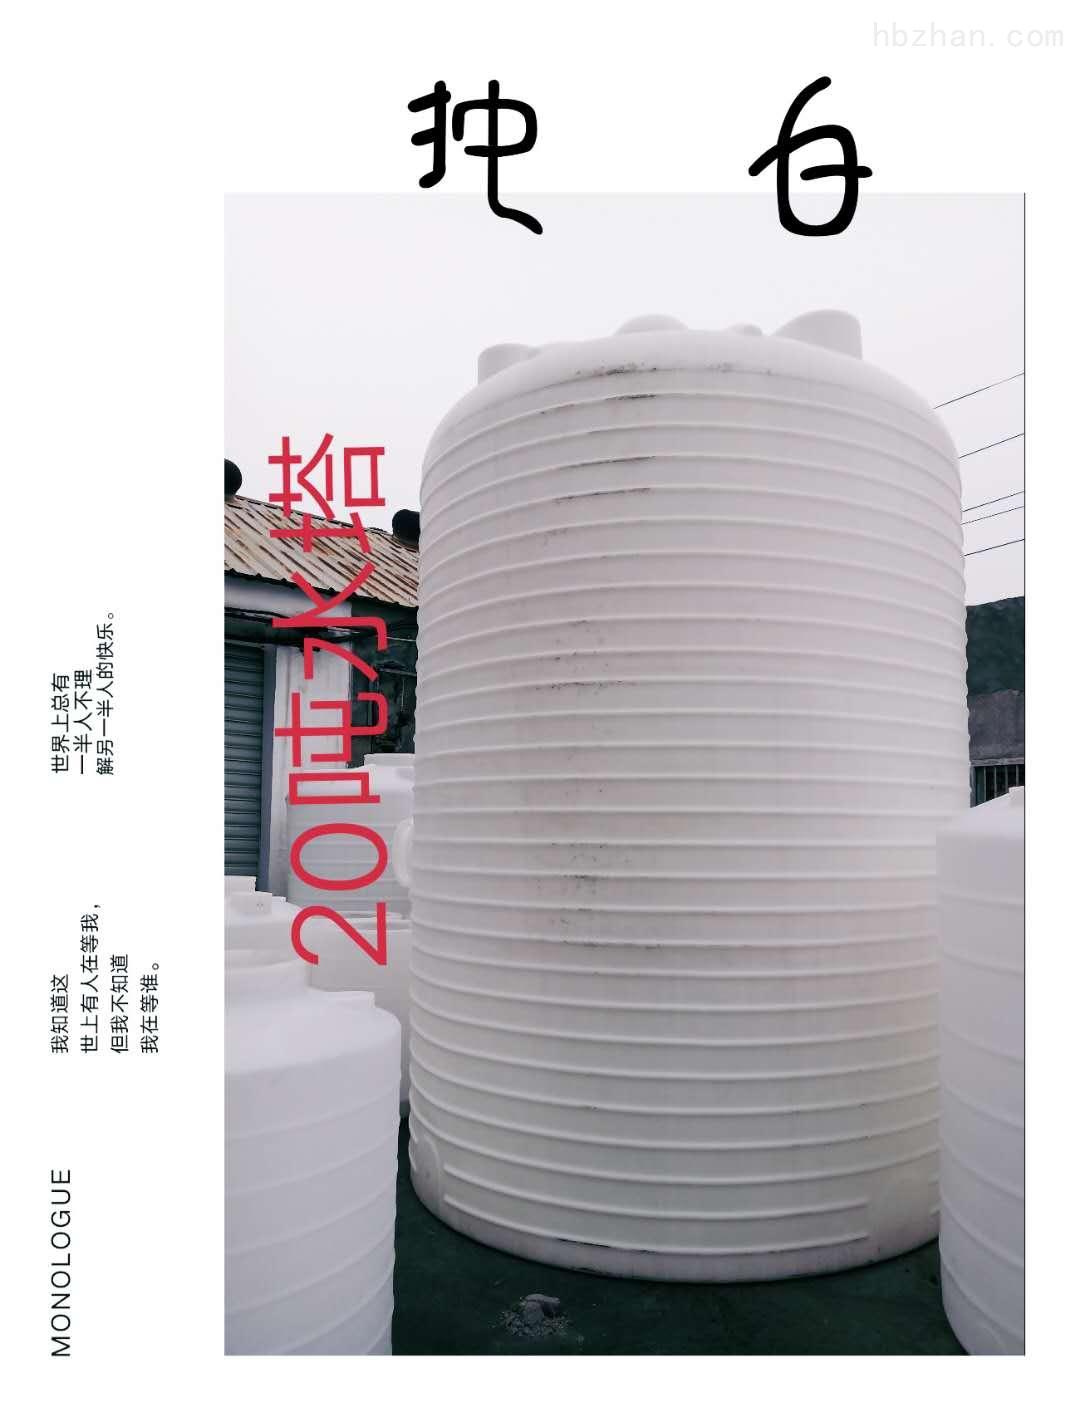 20吨塑料水箱 20立方硫酸储罐